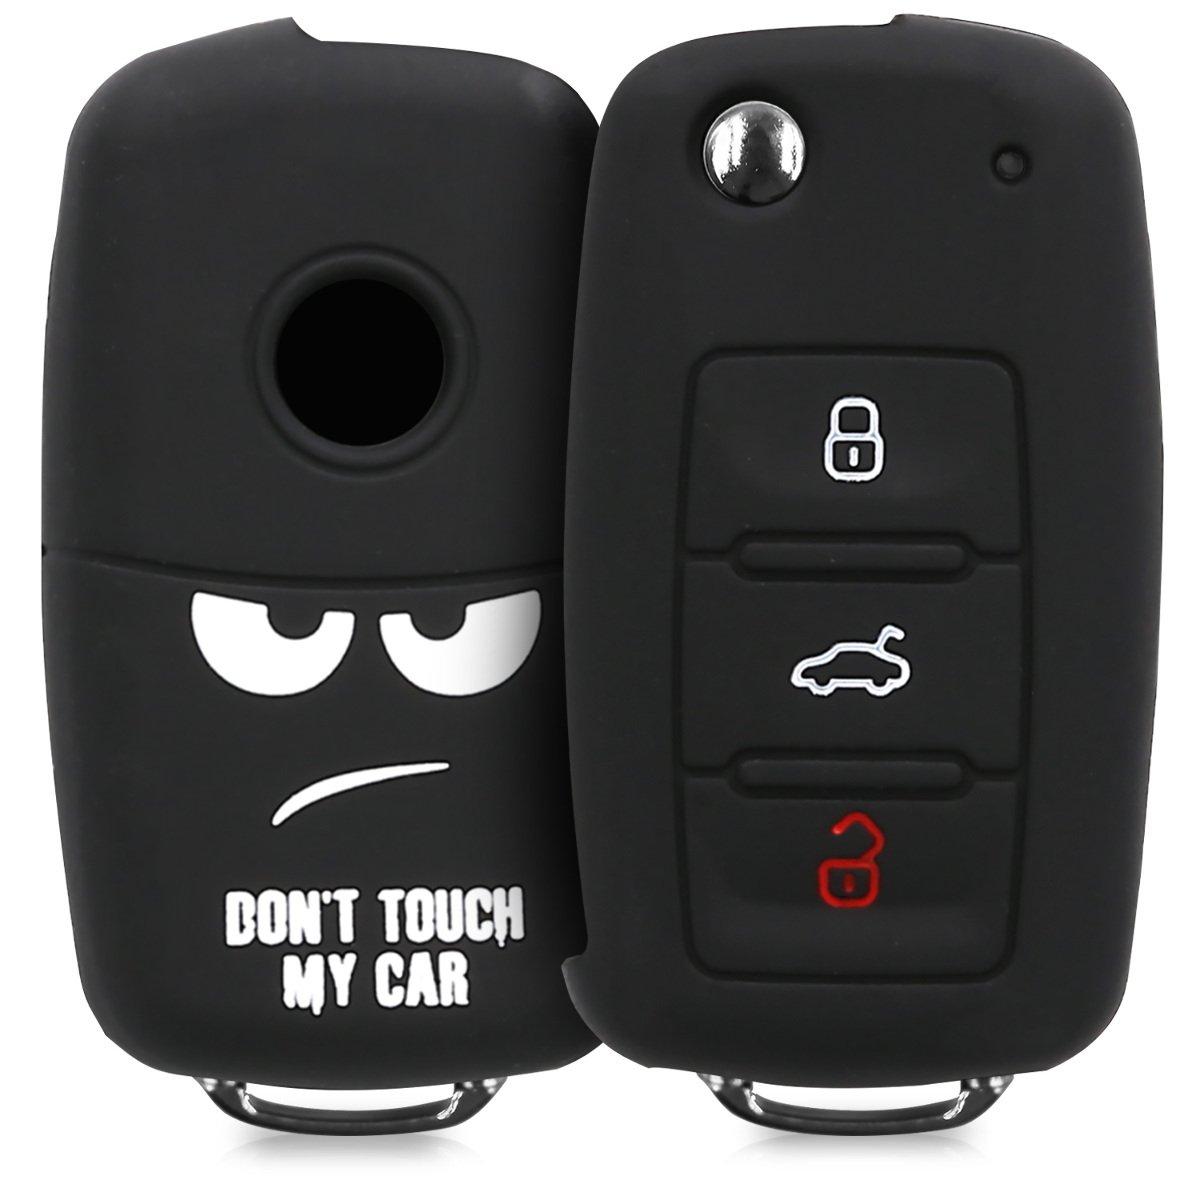 kwmobile Funda para Llave de 3 Botones para Coche VW Skoda Seat - Carcasa Protectora Suave de Silicona - Case de Mando de Auto con diseño Dont Touch ...